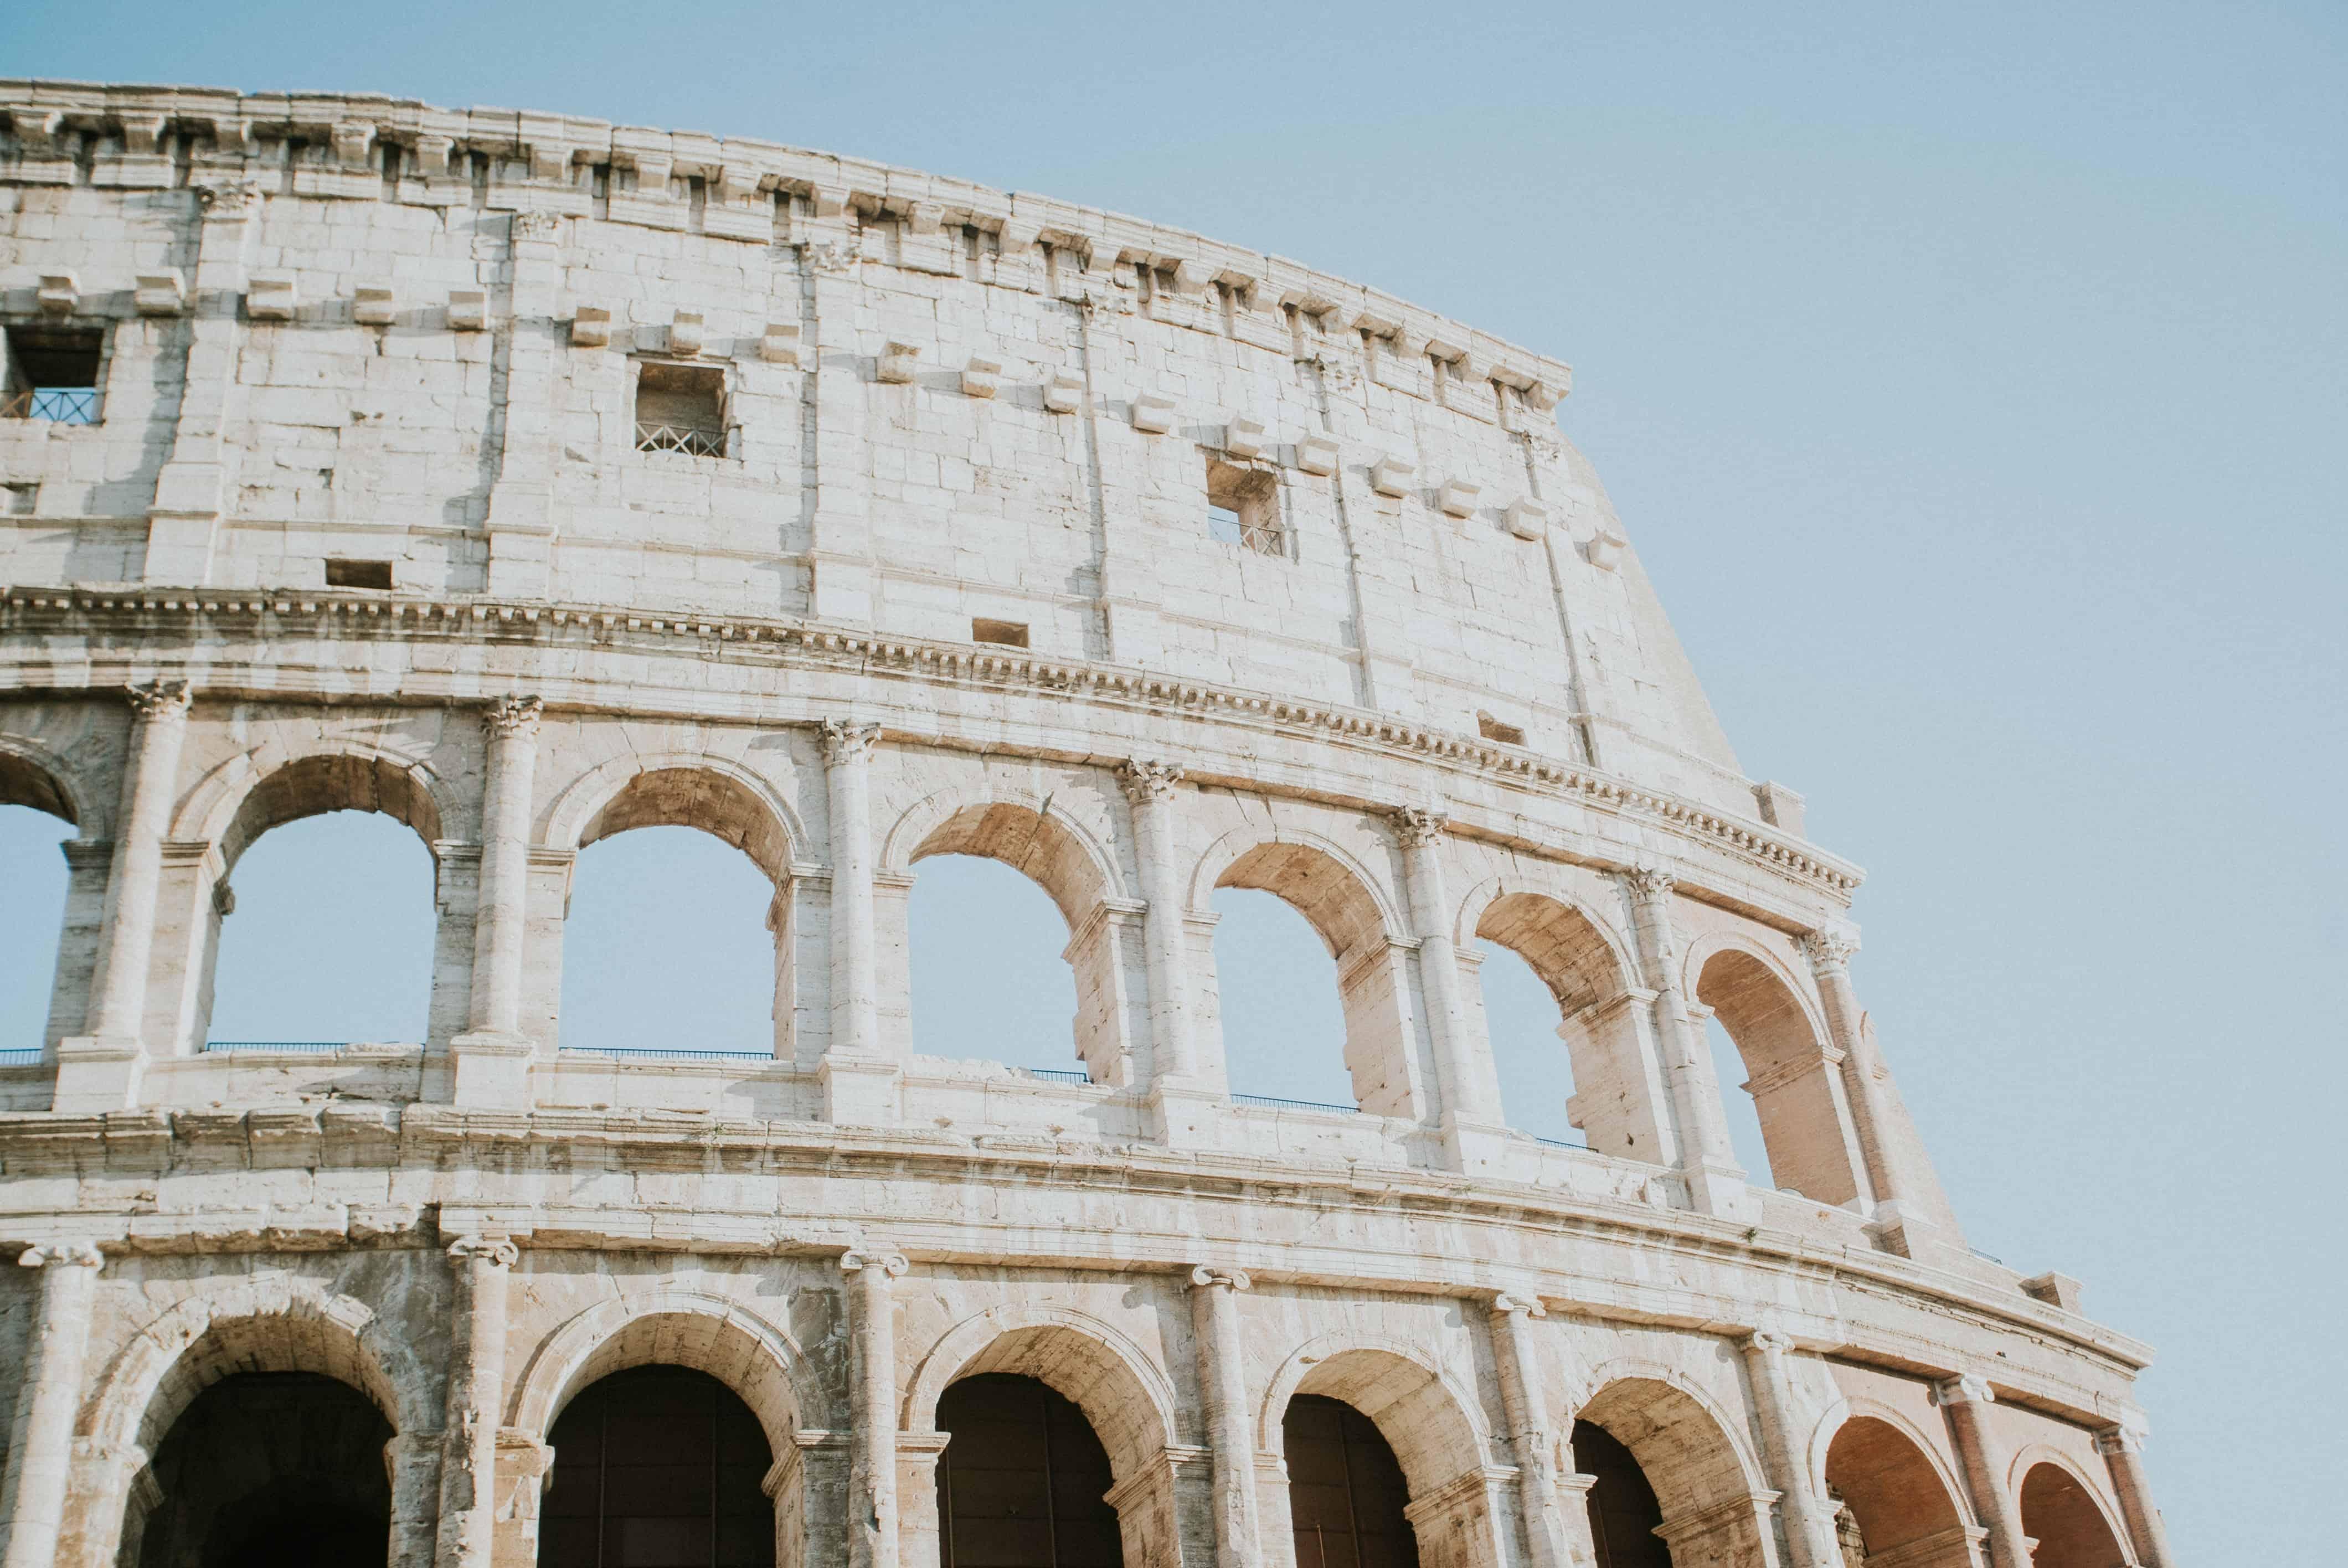 Segway Tours Rome Italy